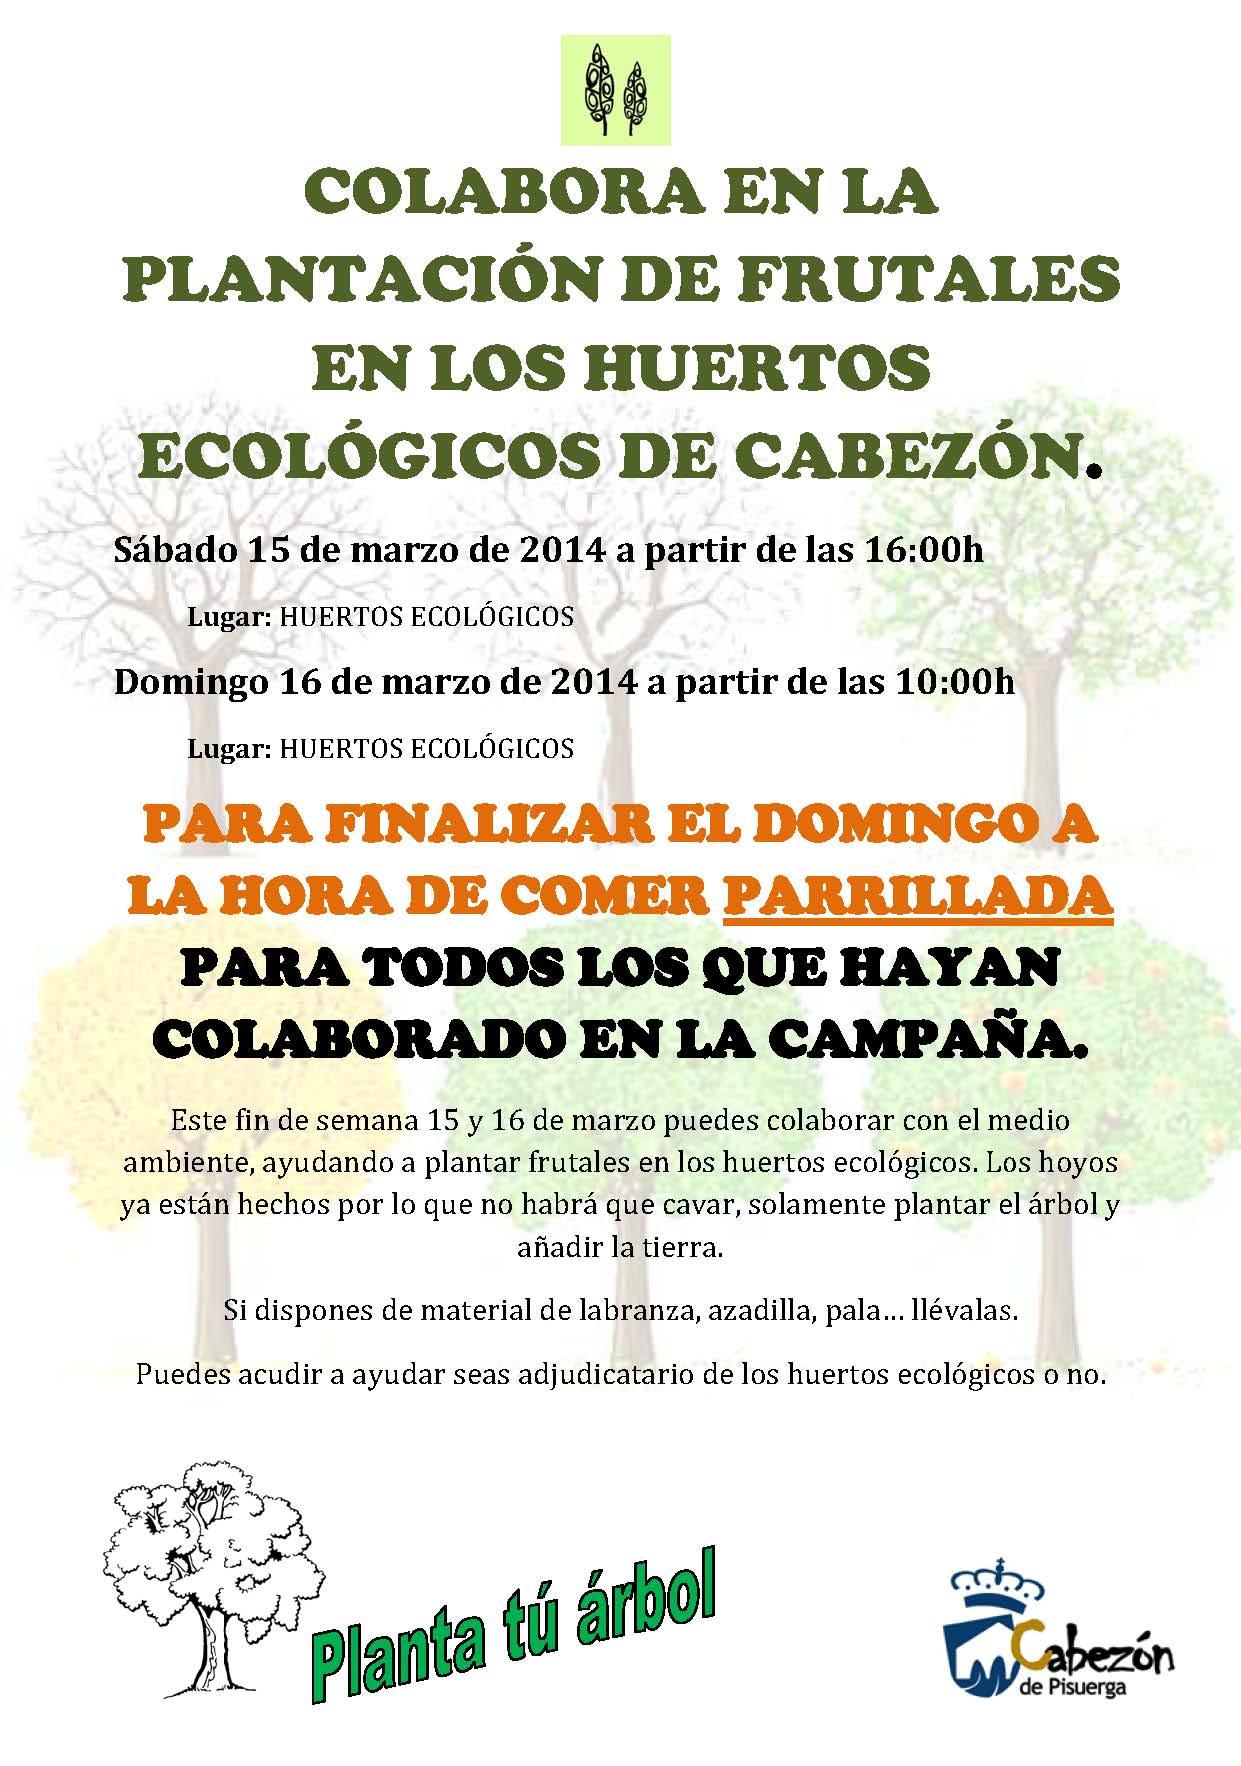 PlantacionArbolesCabezon